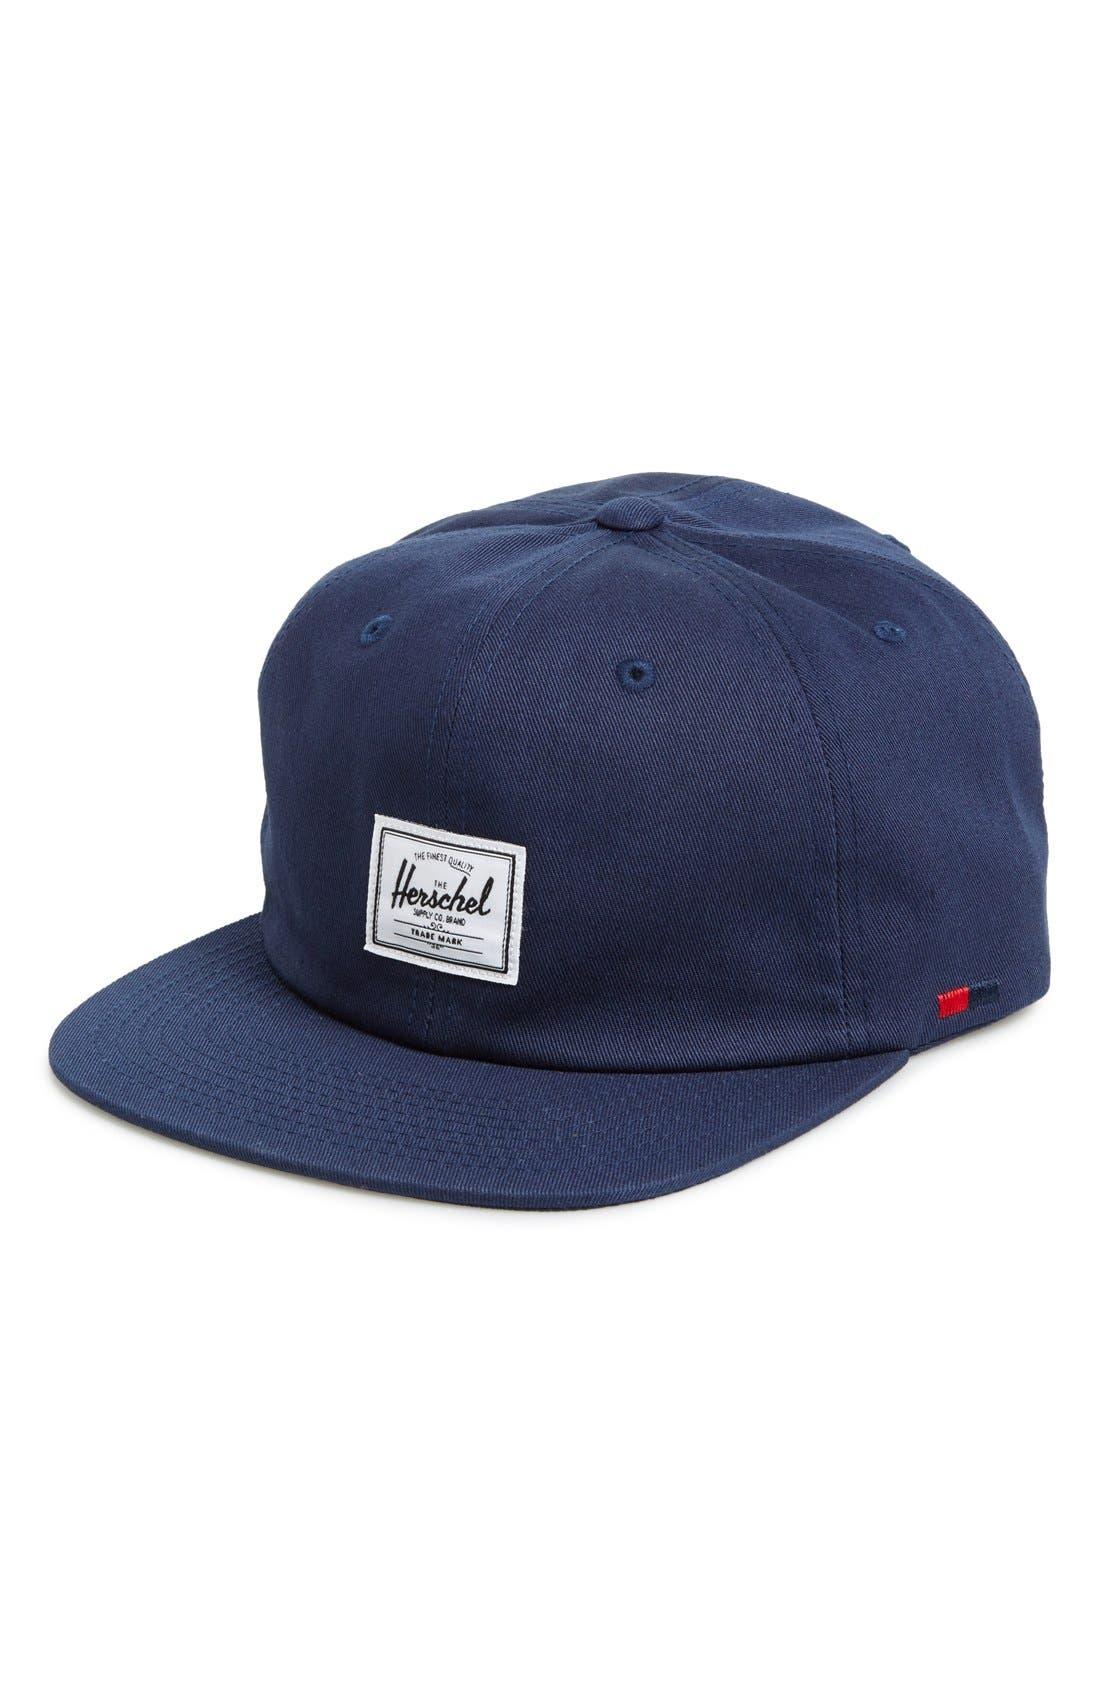 Herschel Supply Co. 'Albert' Cotton Baseball Cap